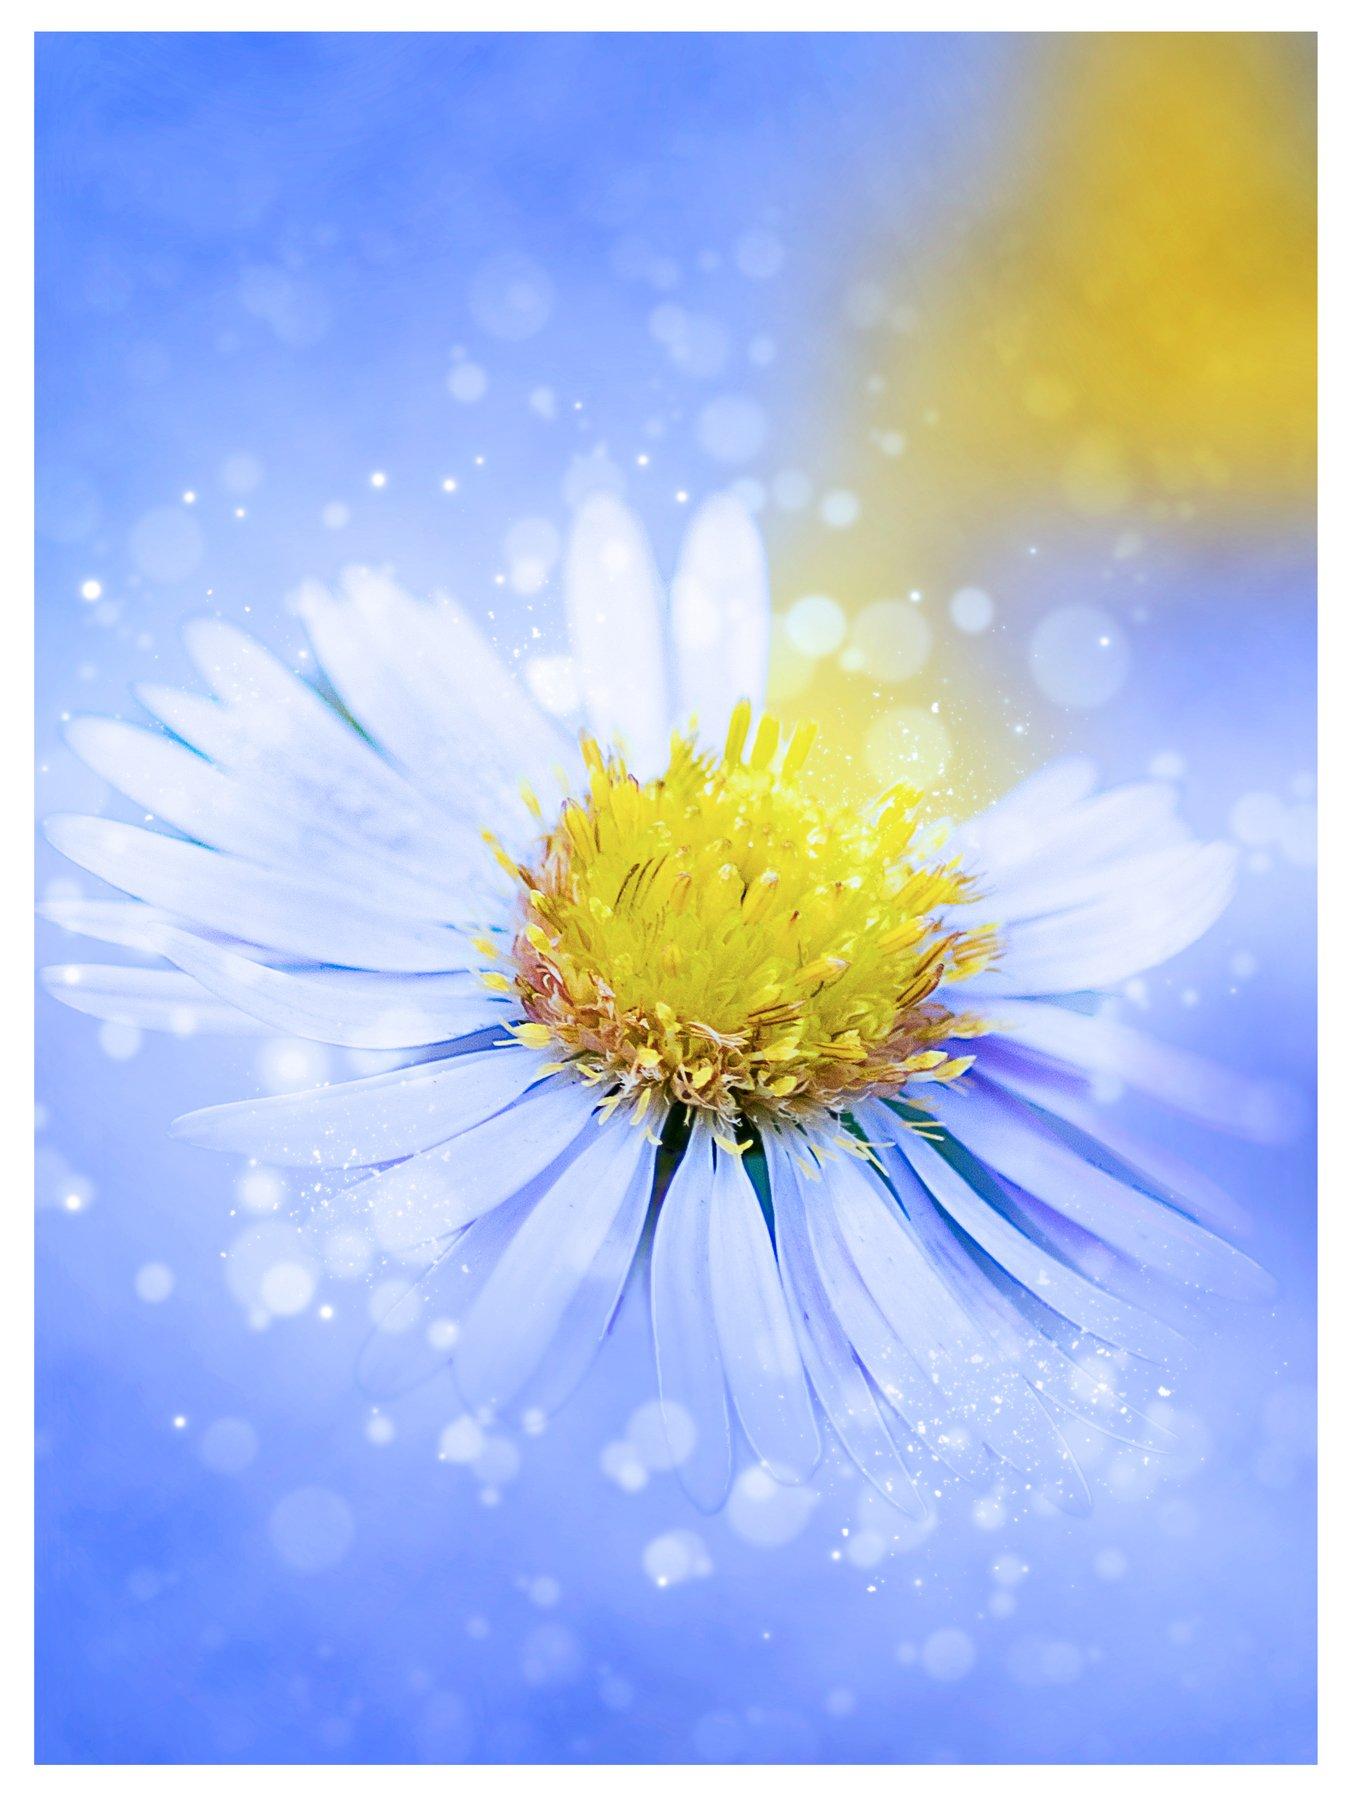 цветок, лепесток, голубой, желтый, Sergii Vidov